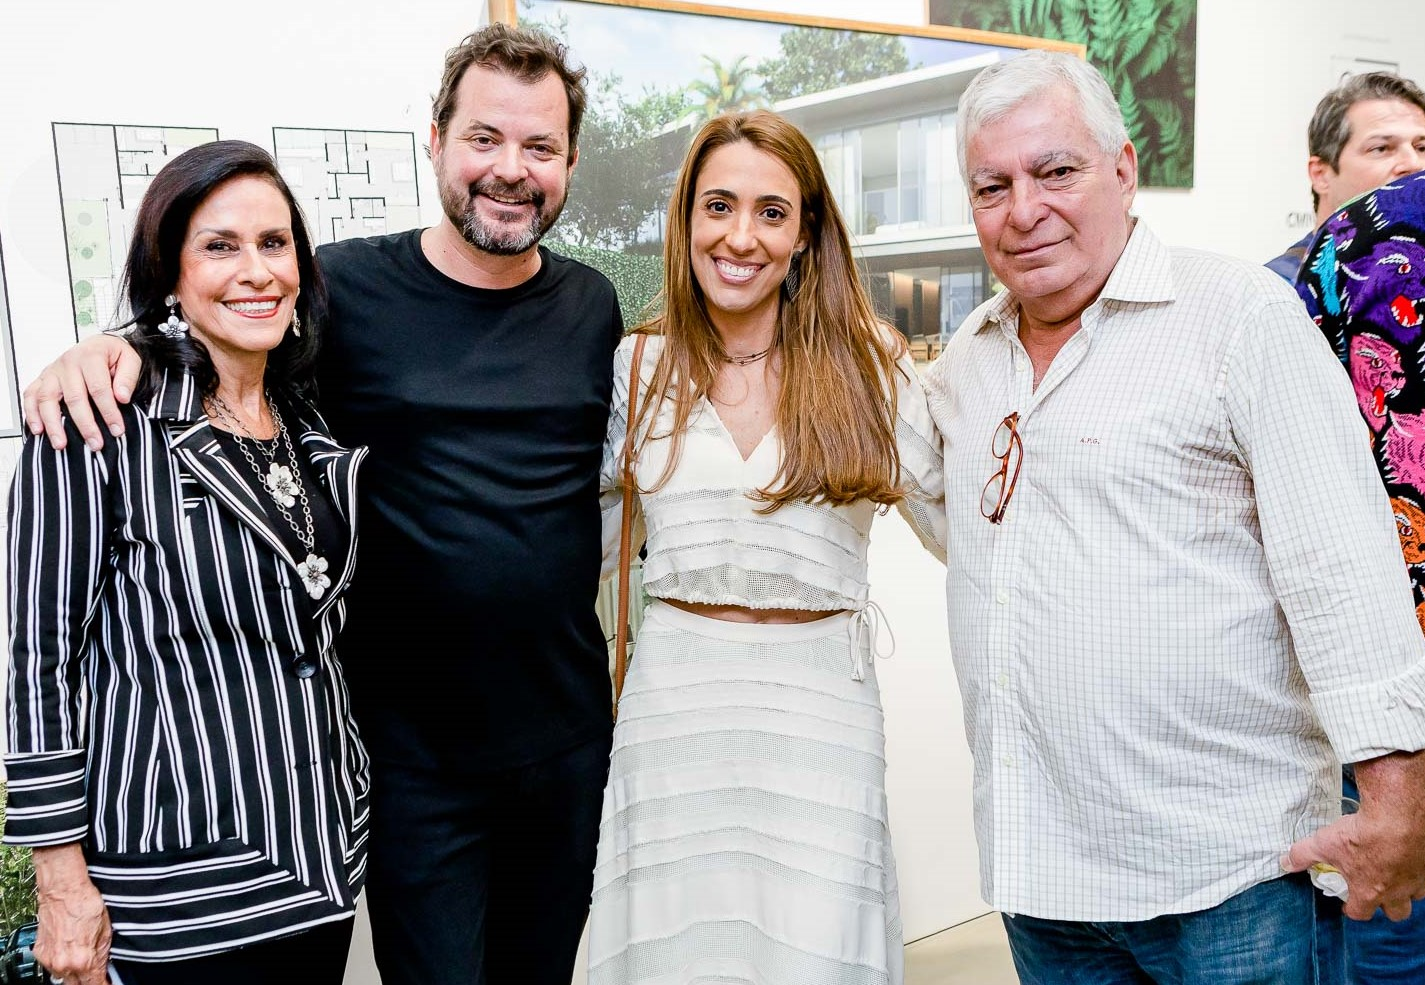 Beth Pinto Guimarães, Miguel Pinto Guimarães, Paula Marinho e Afonso Pinto Guimarães  /Foto: Bruno Ryfer